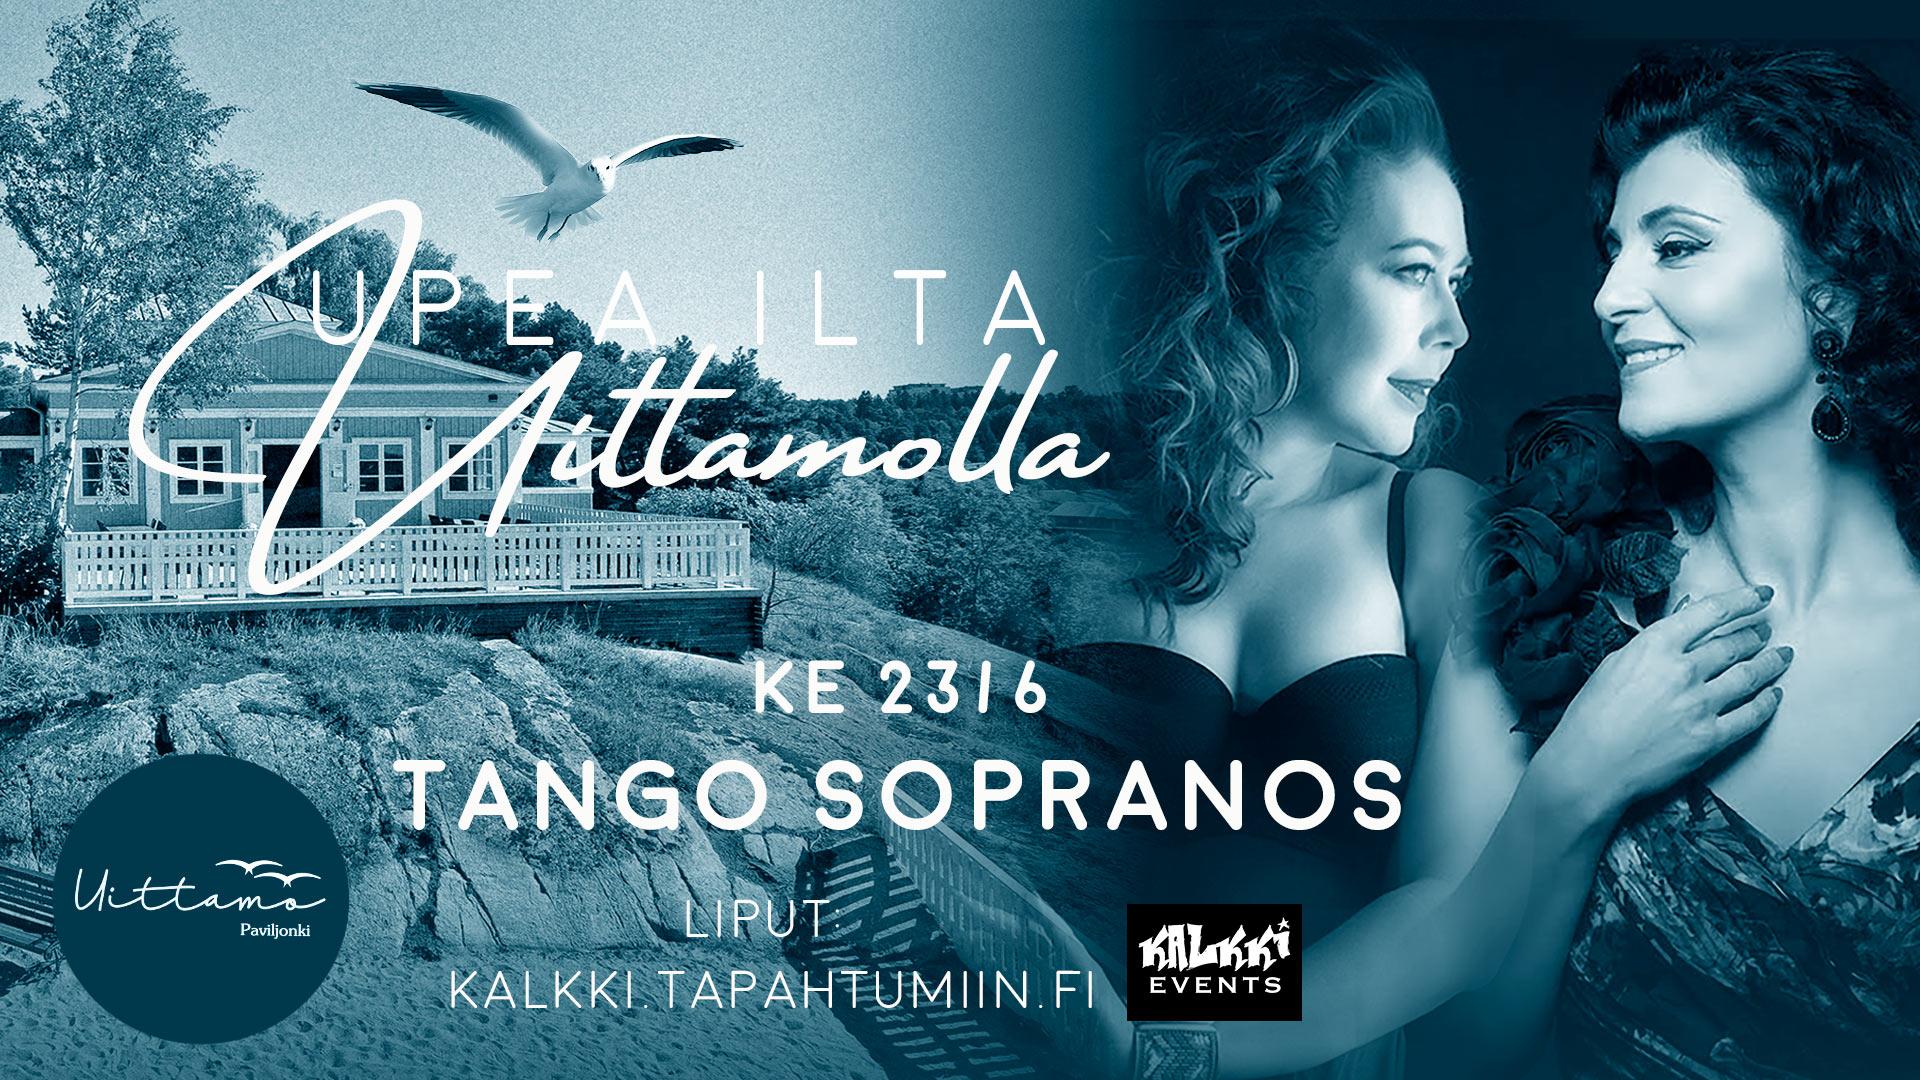 Upea ilta Uittamolla: Tango Sopranos Angelika Klas & Essi Luttinen